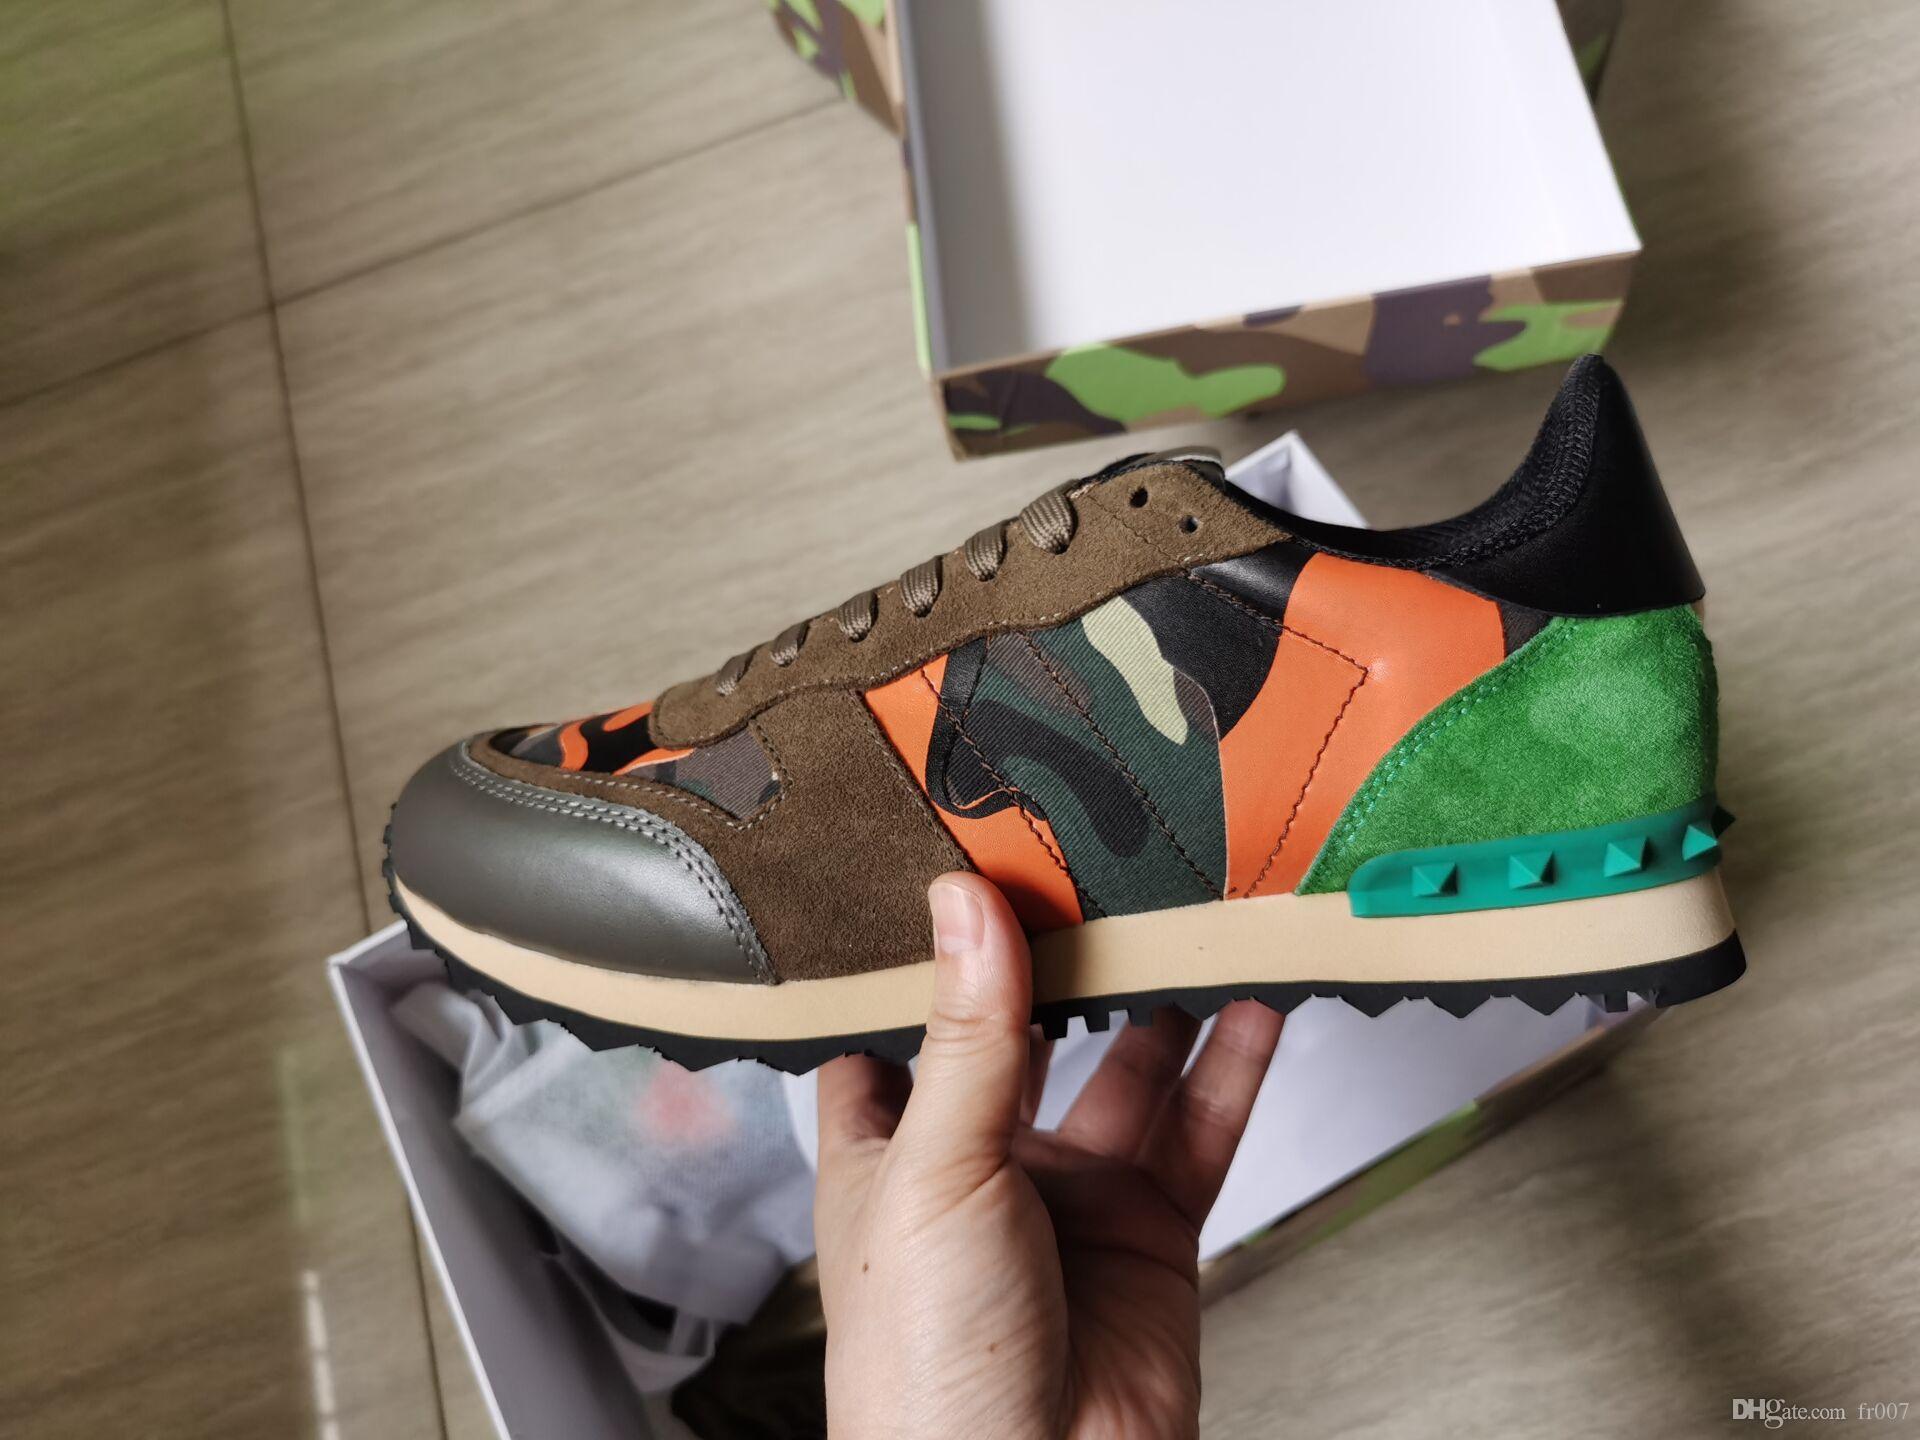 Di Alta Qualità Delle Donne Mens studded In Pelle Rock Runner Scarpe Camo Camouflage Sneakers Studded Rockrunner Casual Scarpe Da Ginnastica Scarpe Da Passeggio 35-46